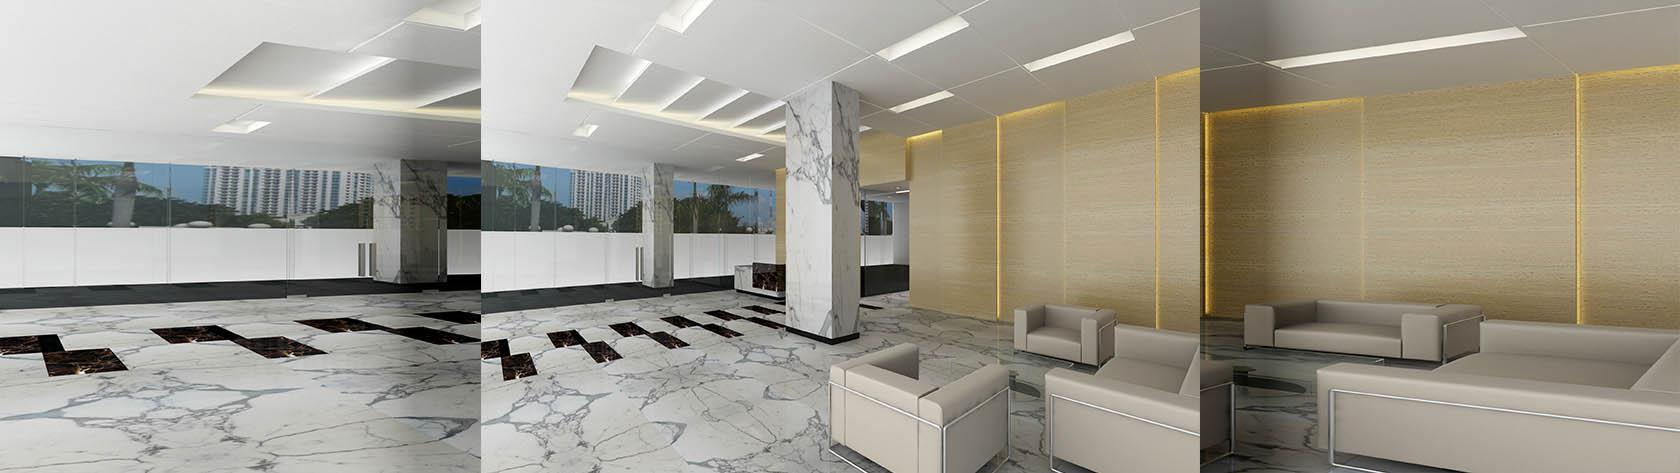 main-lobby